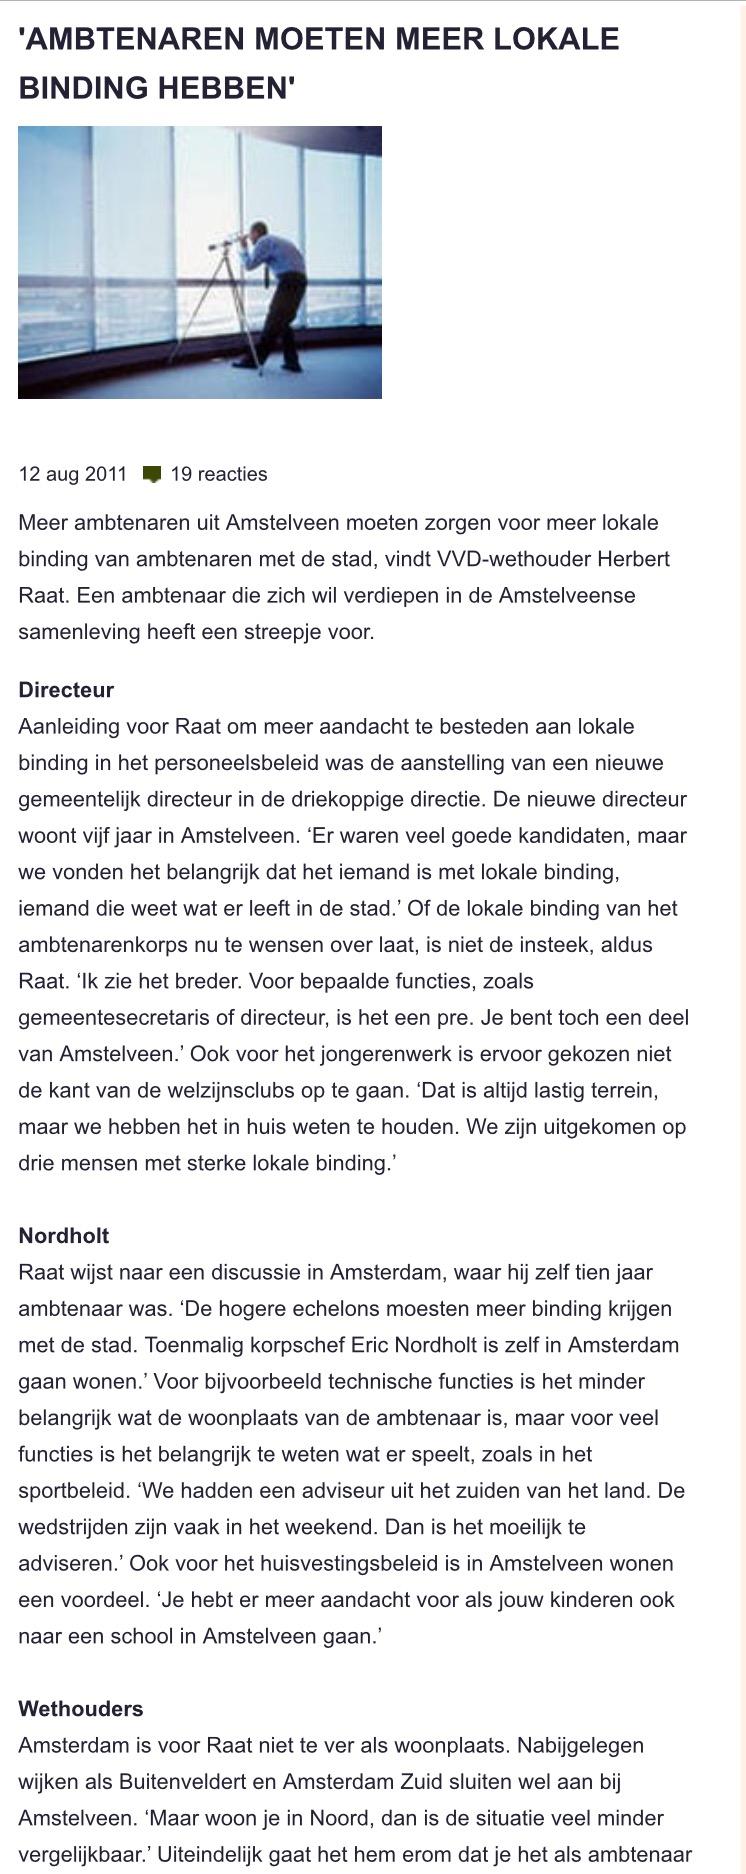 2011-12-8 Binnenlands Bestuur wethouder Herbert Raat over lokale binding ambtenaren